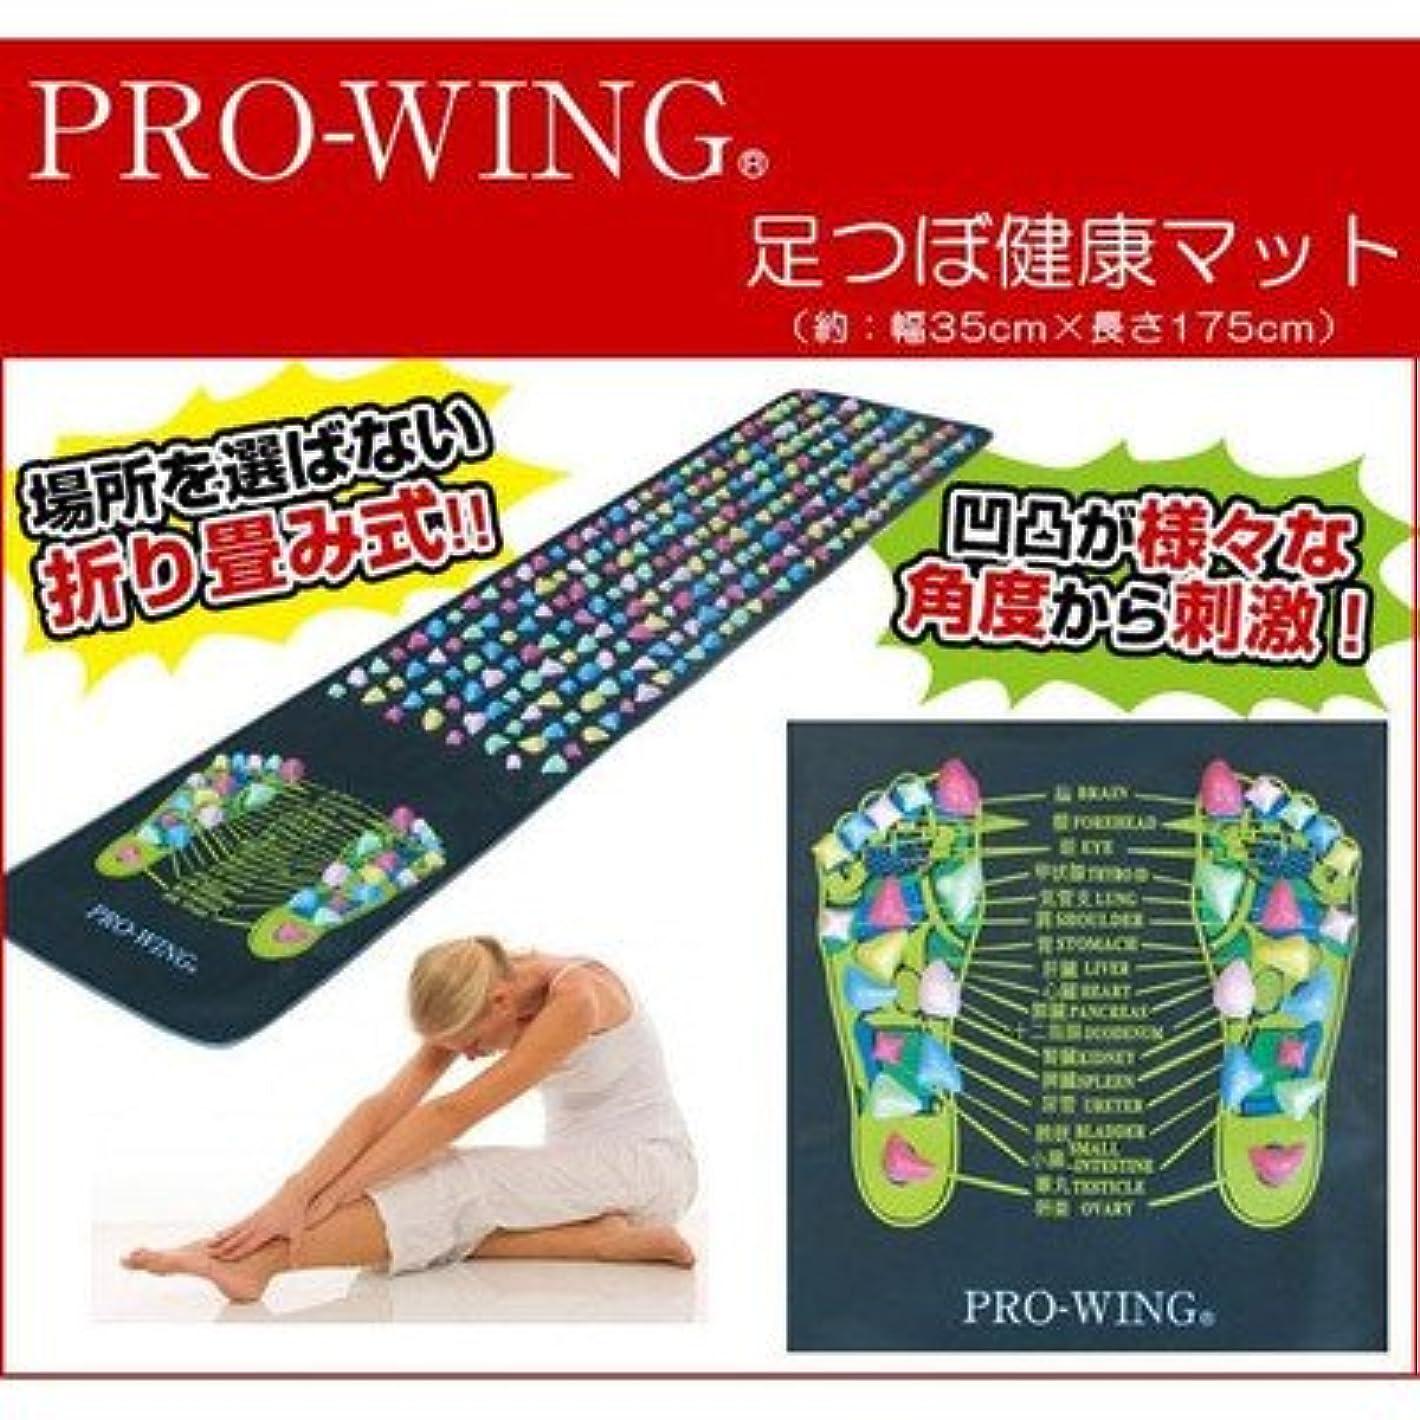 証人舌熟したカラフルで可愛らしい凹凸が様々な角度から刺激 PRO-WING プロウィング 足つぼ健康マット PWF-1001